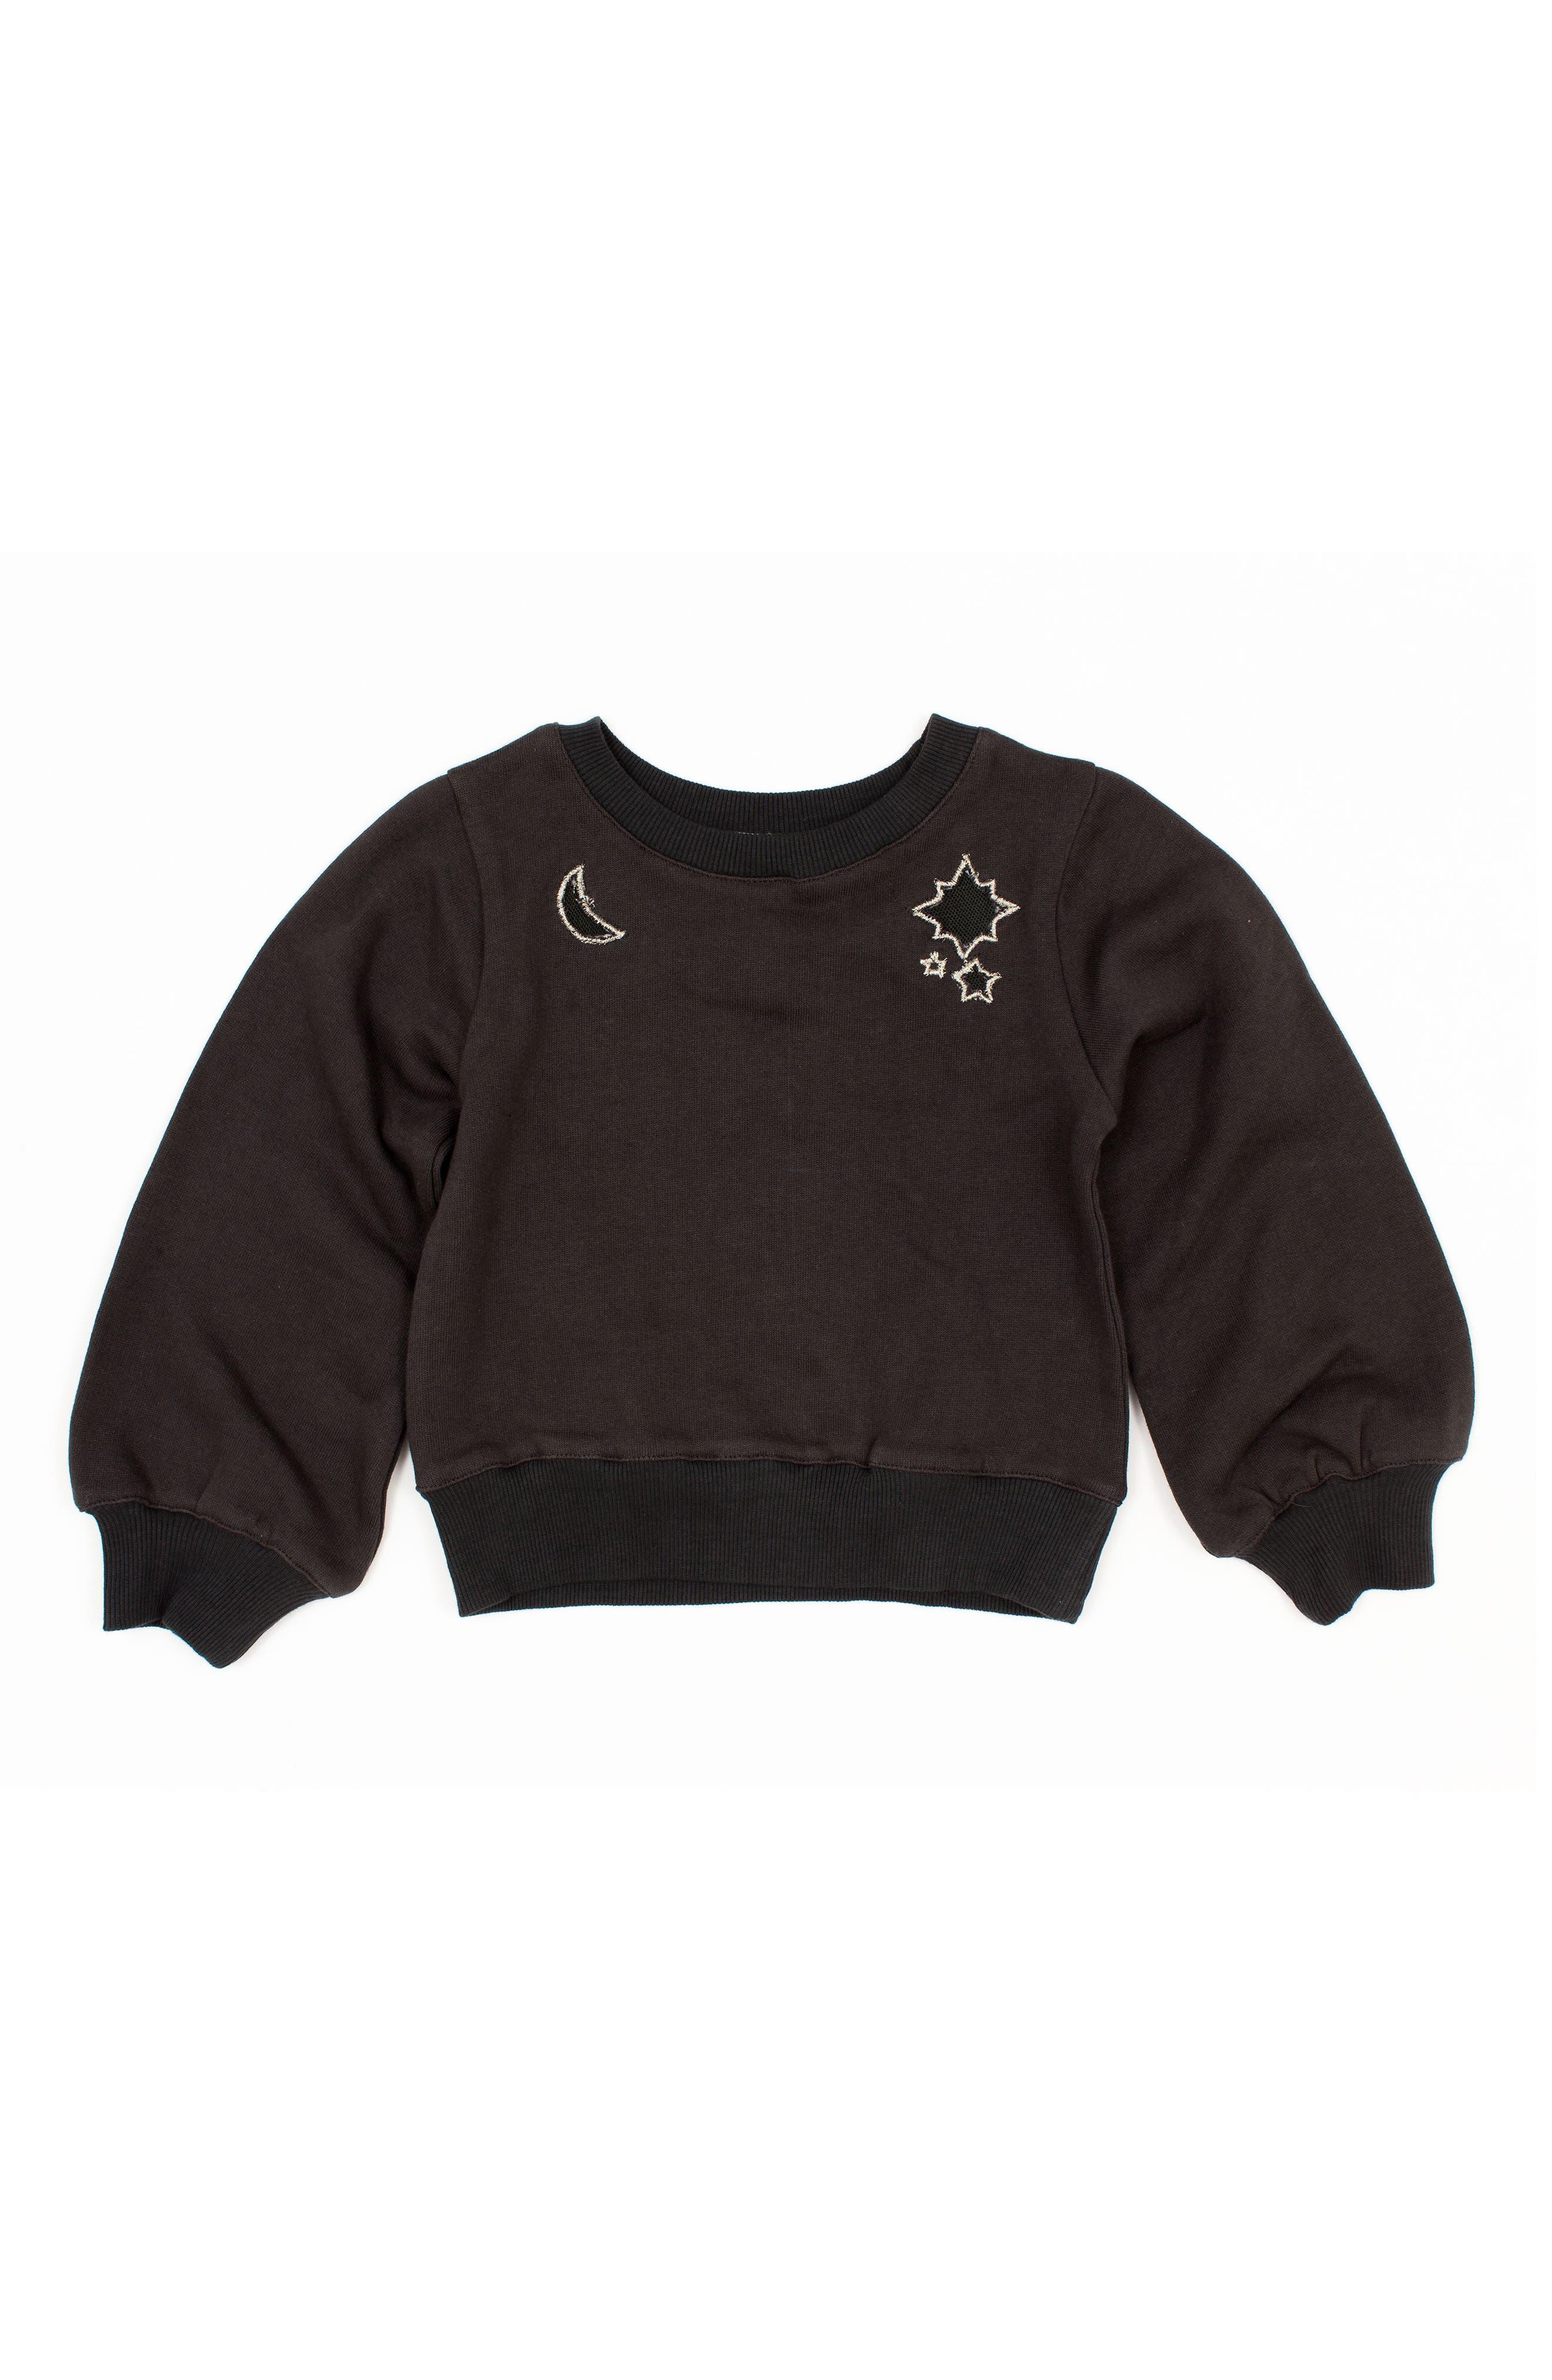 Main Image - BOWIE X JAMES Alchemy Sweatshirt (Toddler Girls, Little Girls & Big Girls)